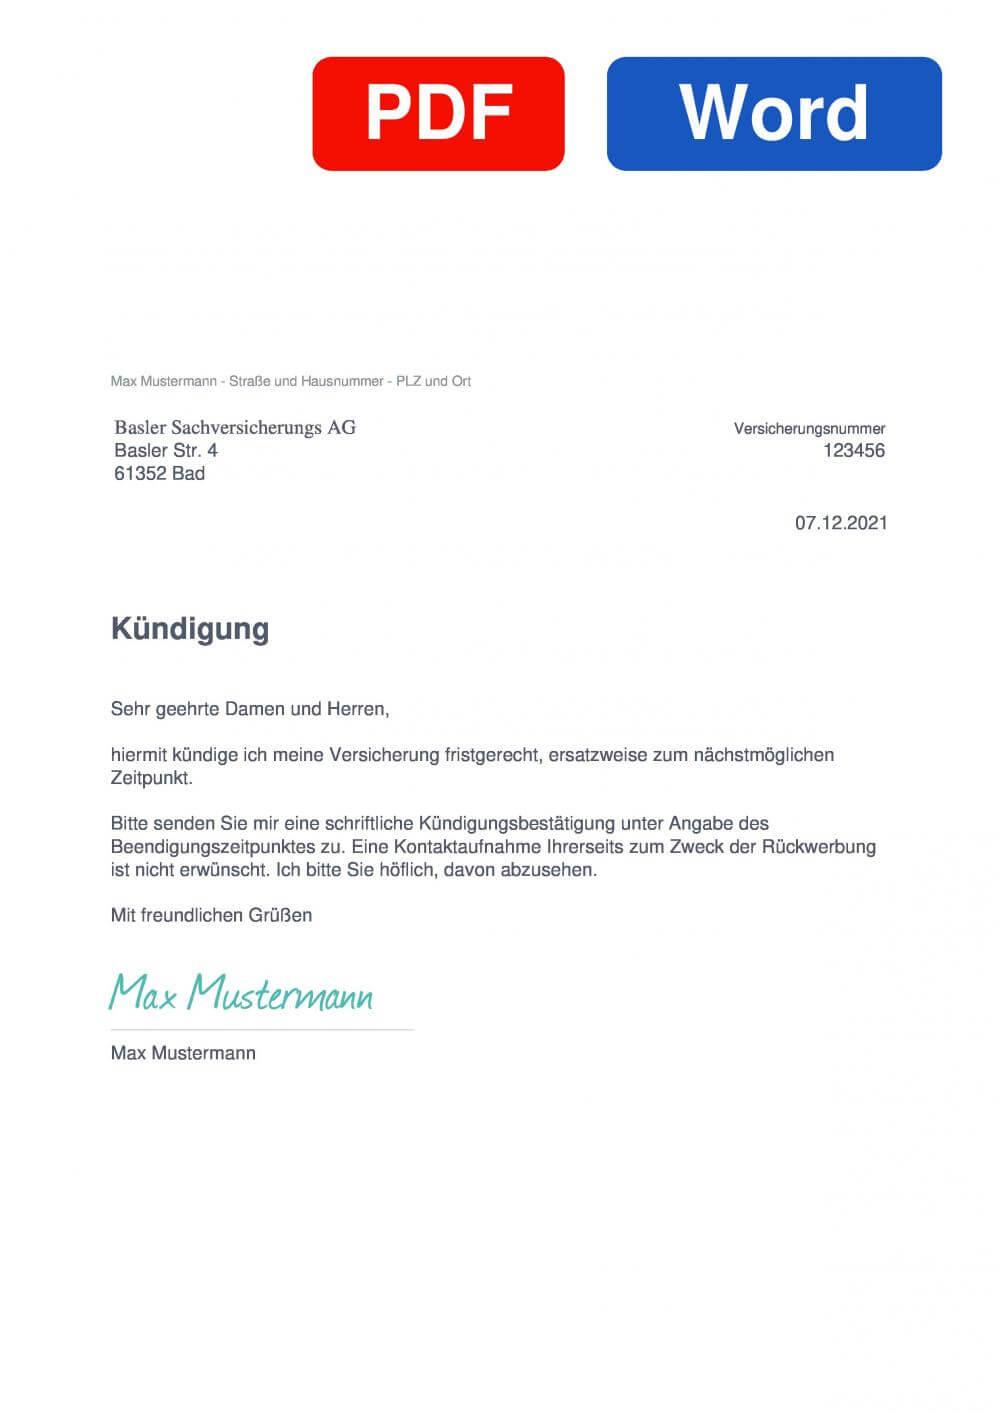 Moneymaxx Muster Vorlage für Kündigungsschreiben